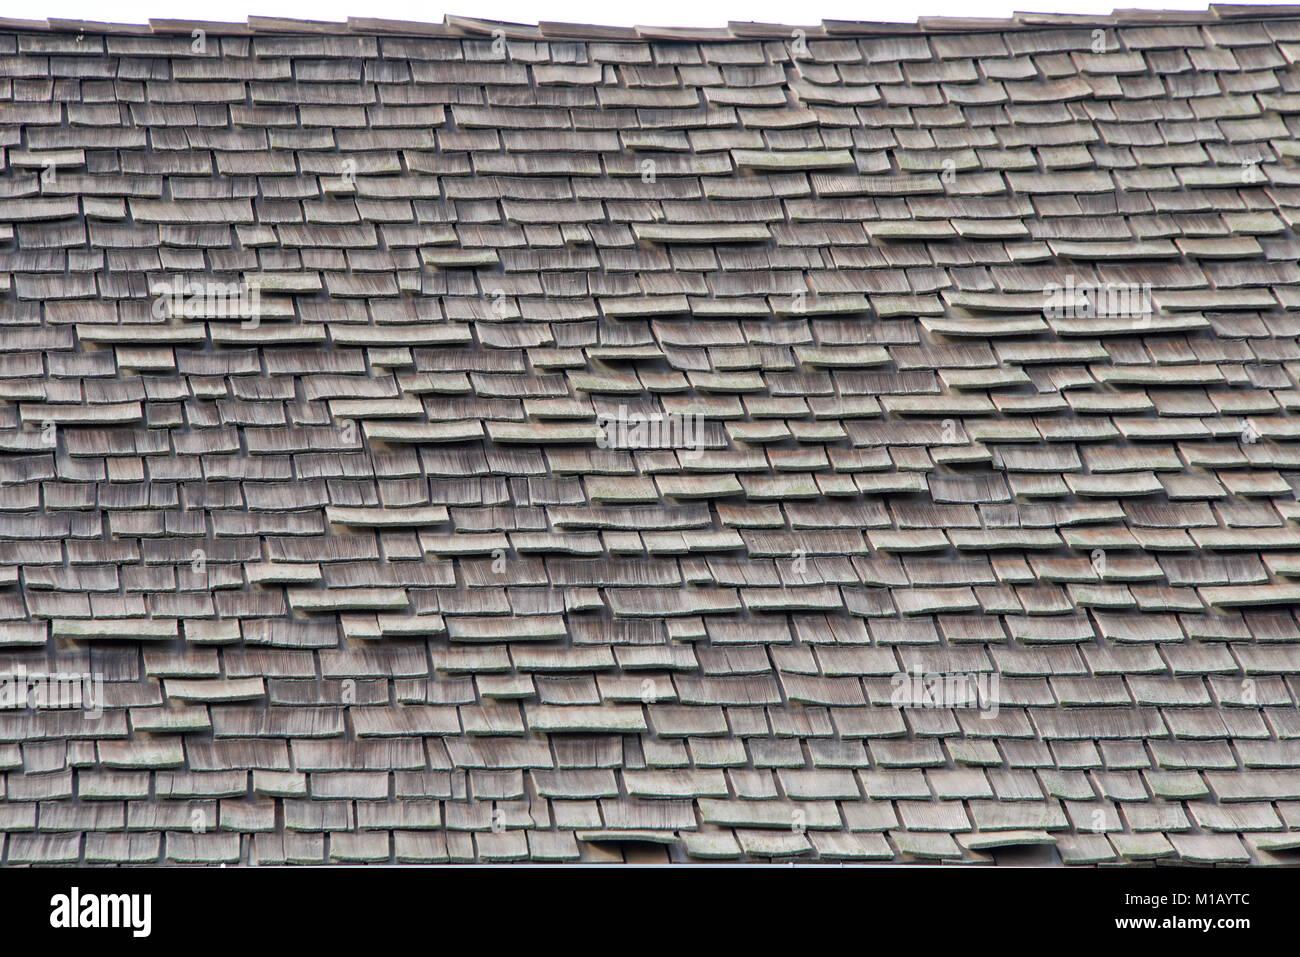 Couvrir Un Toit toit de bardeaux de bois en mauvais état. les bardeaux de bois sont